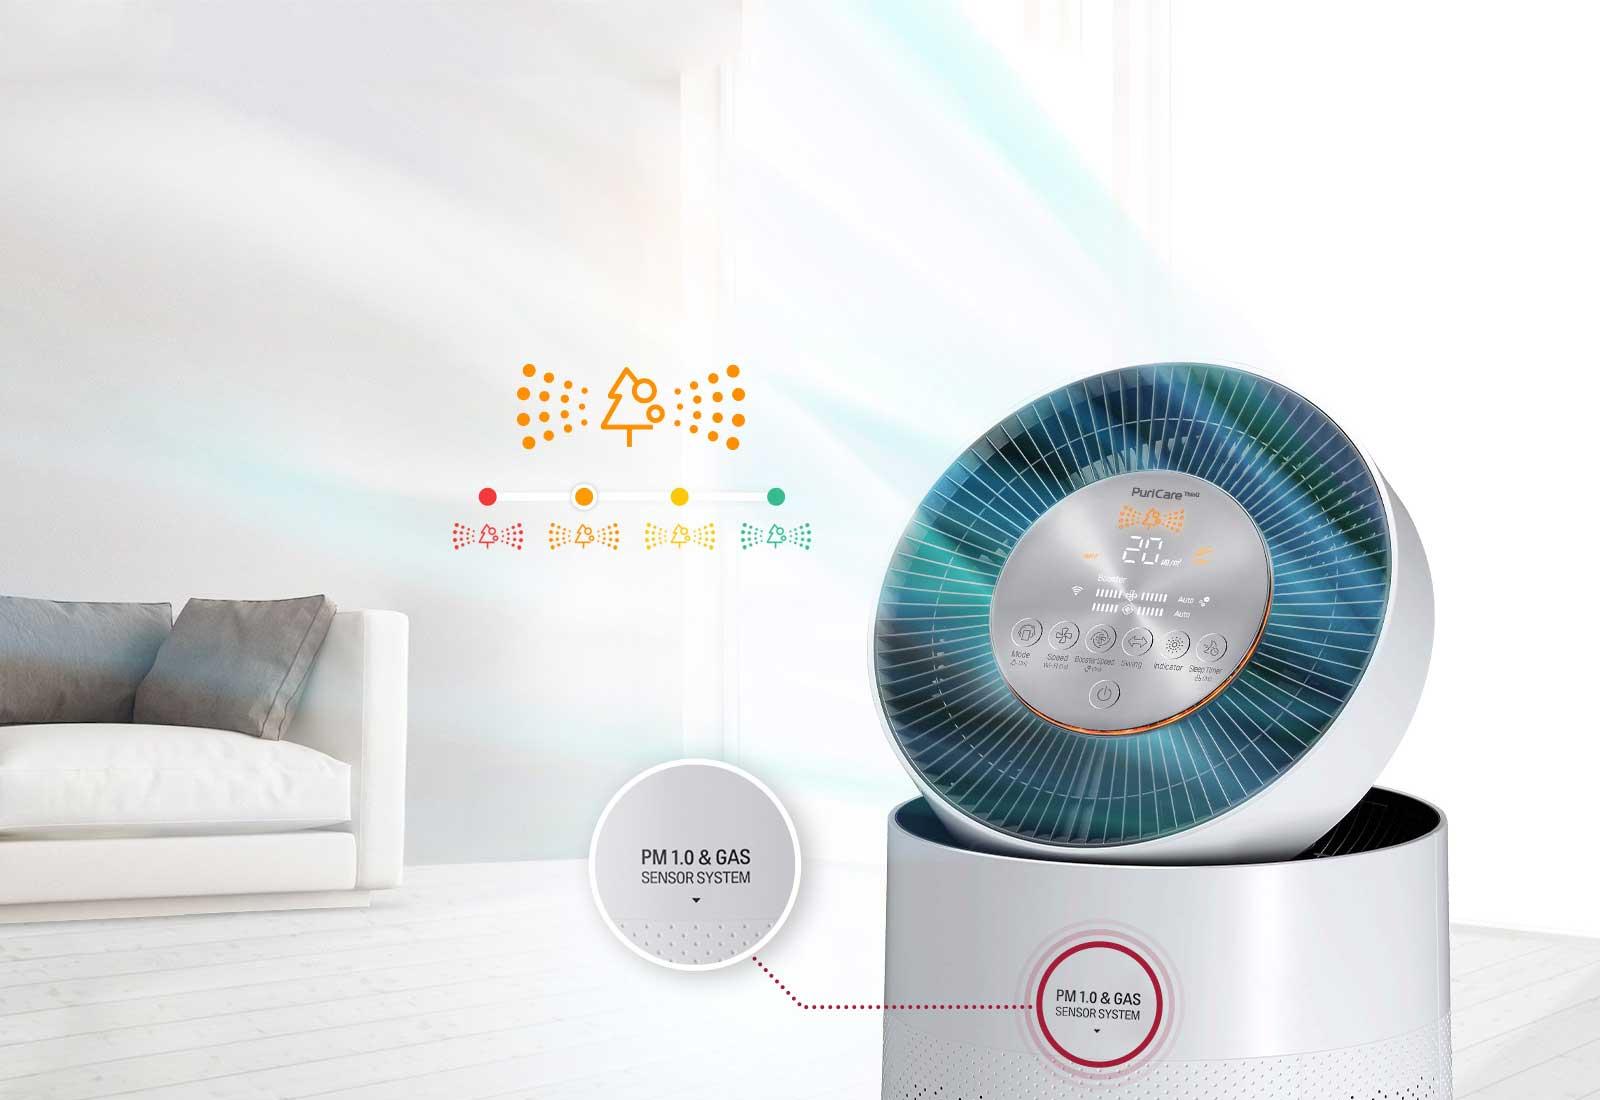 Hình ảnh mô tả màn hình hiển thị và cảm biến PM1.0 của máy lọc không khí